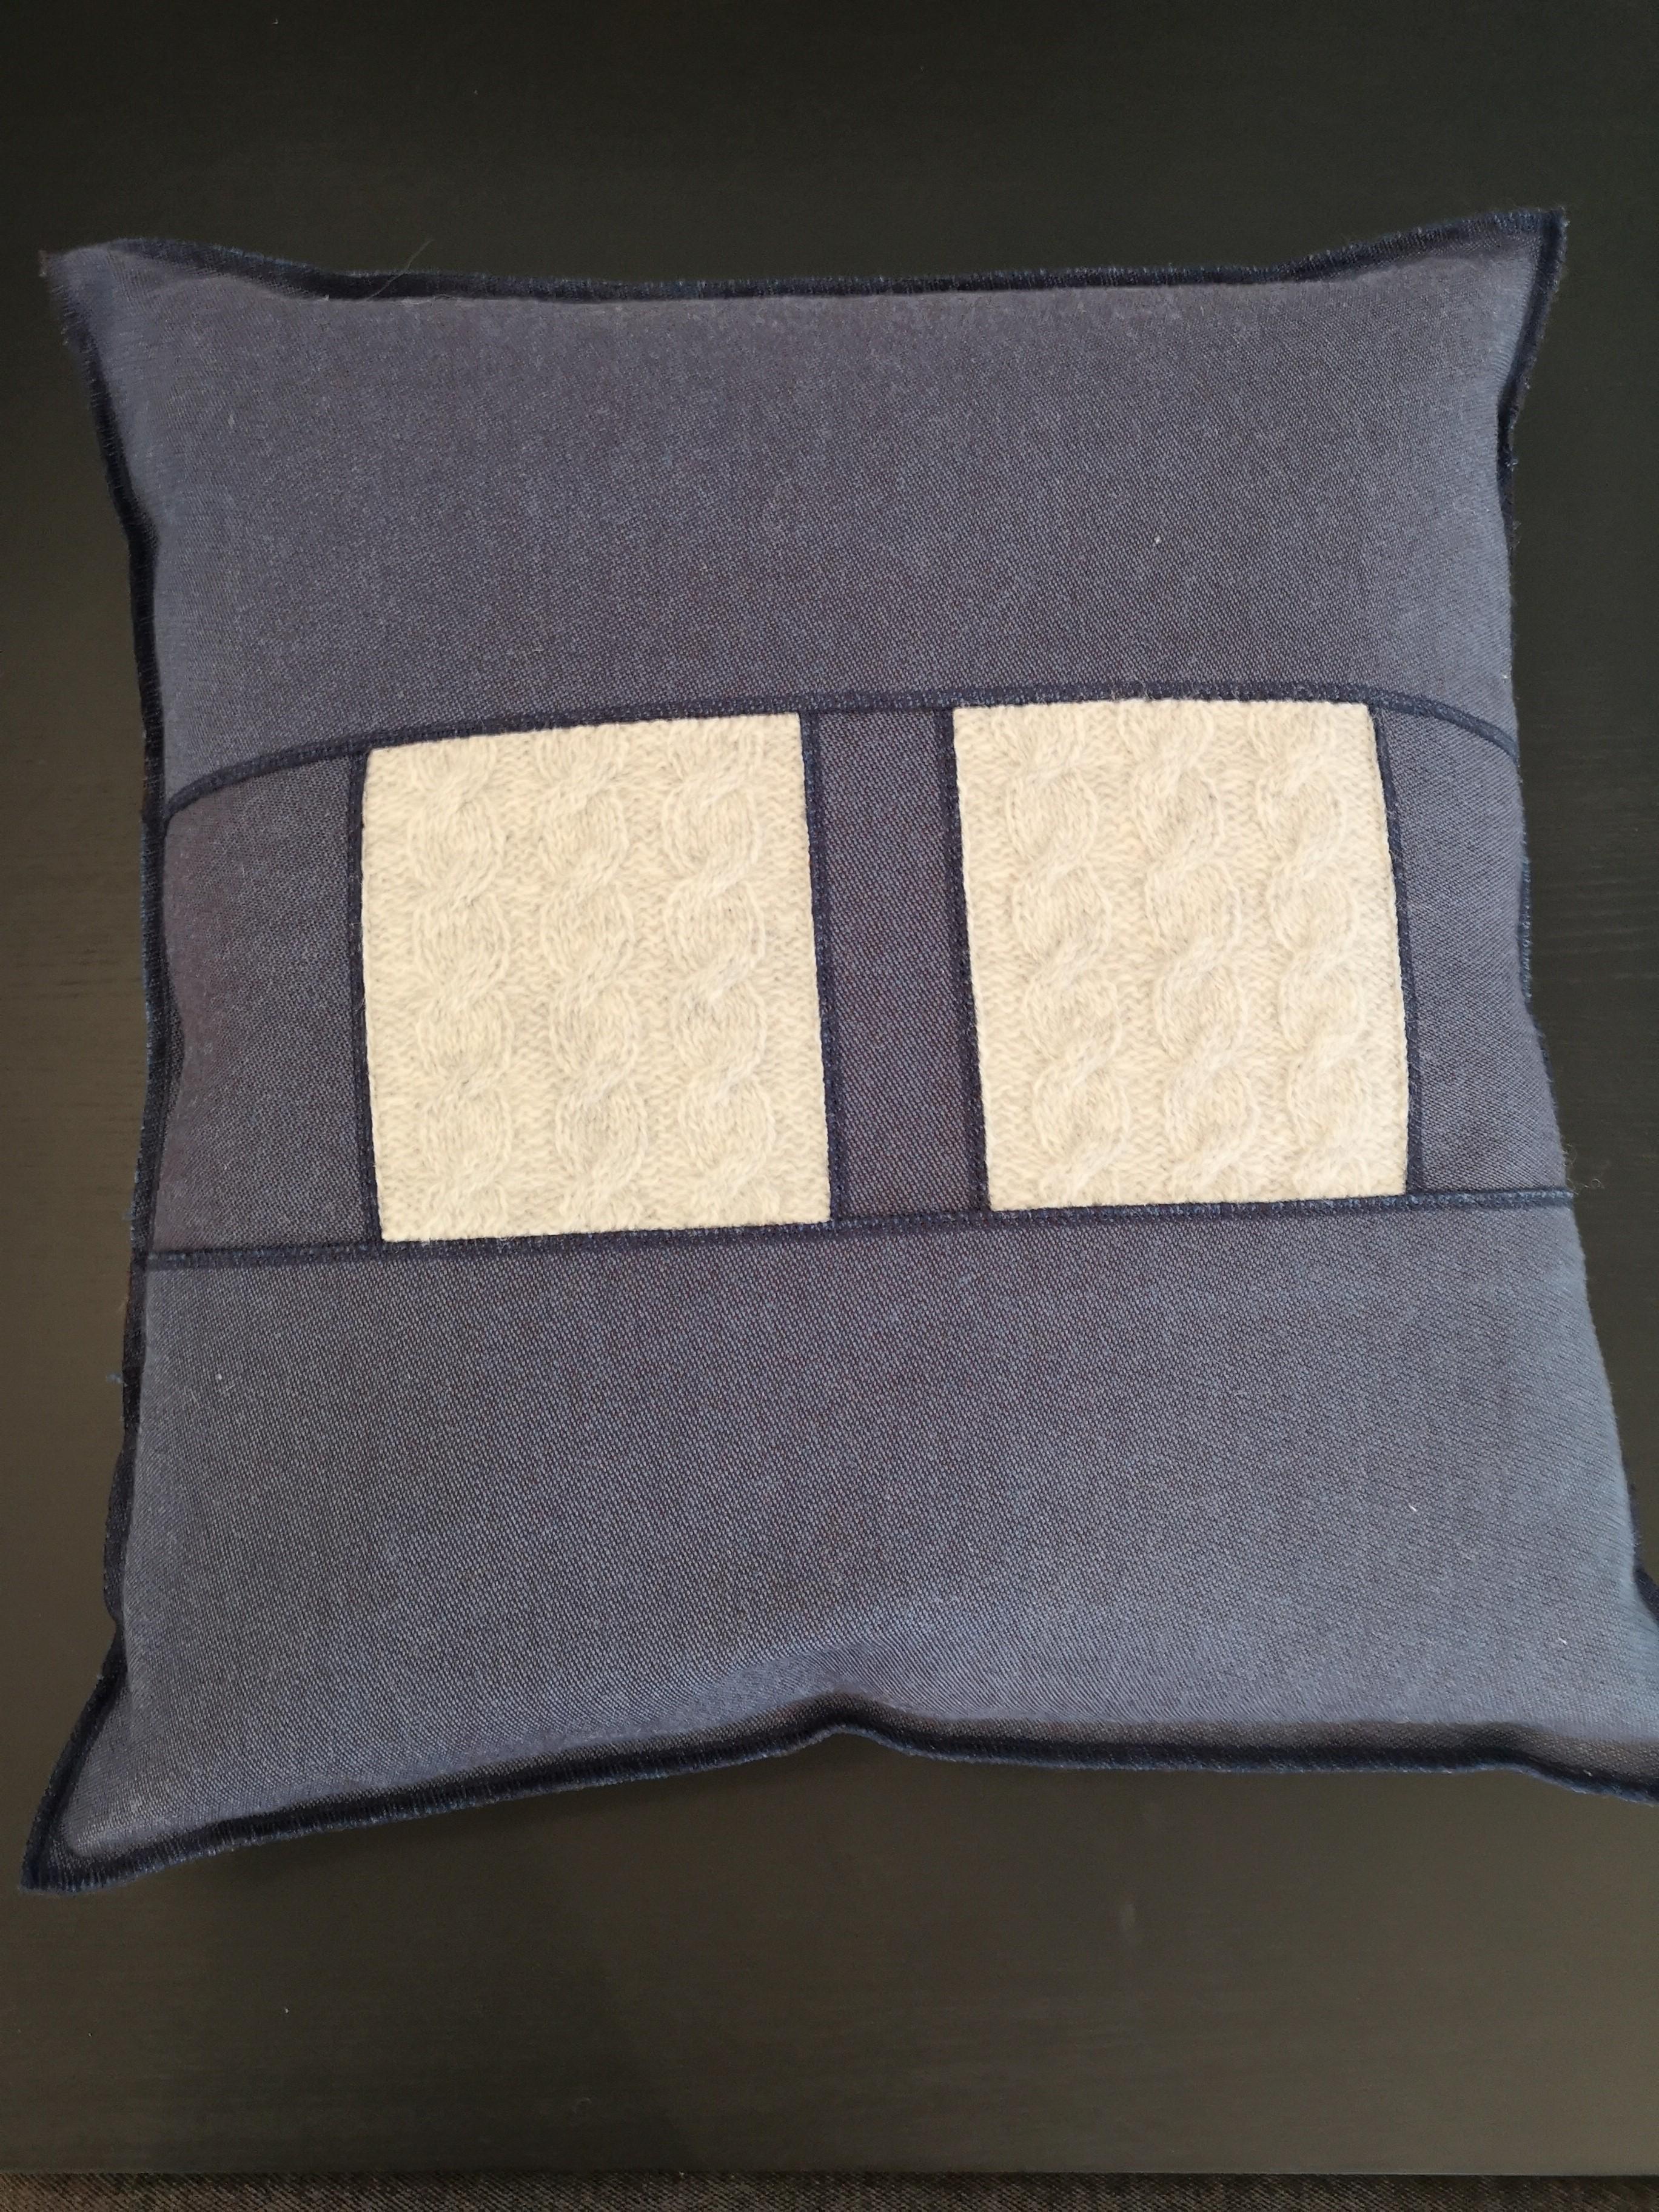 Design-Kissen hergestellt in der Schweiz - Kopieren - Kopieren - Kopieren 02